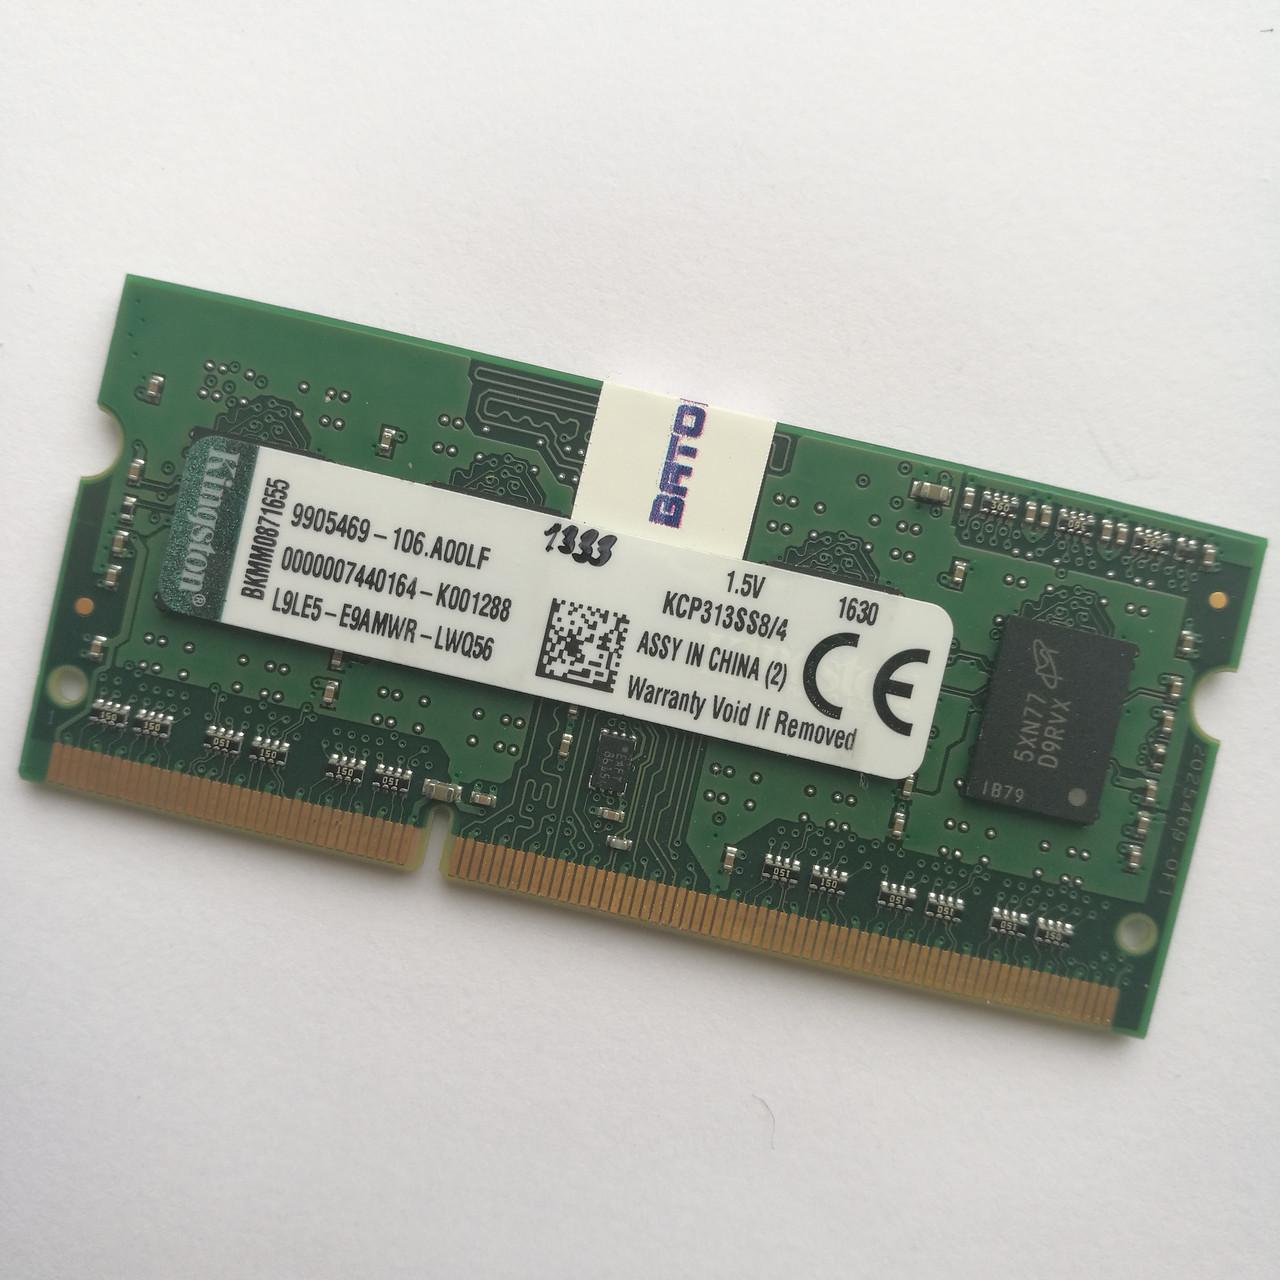 Оперативная память для ноутбука Kingston SODIMM DDR3 4Gb 1333MHz 10600s CL9 (KCP313SS8/4) Б/У